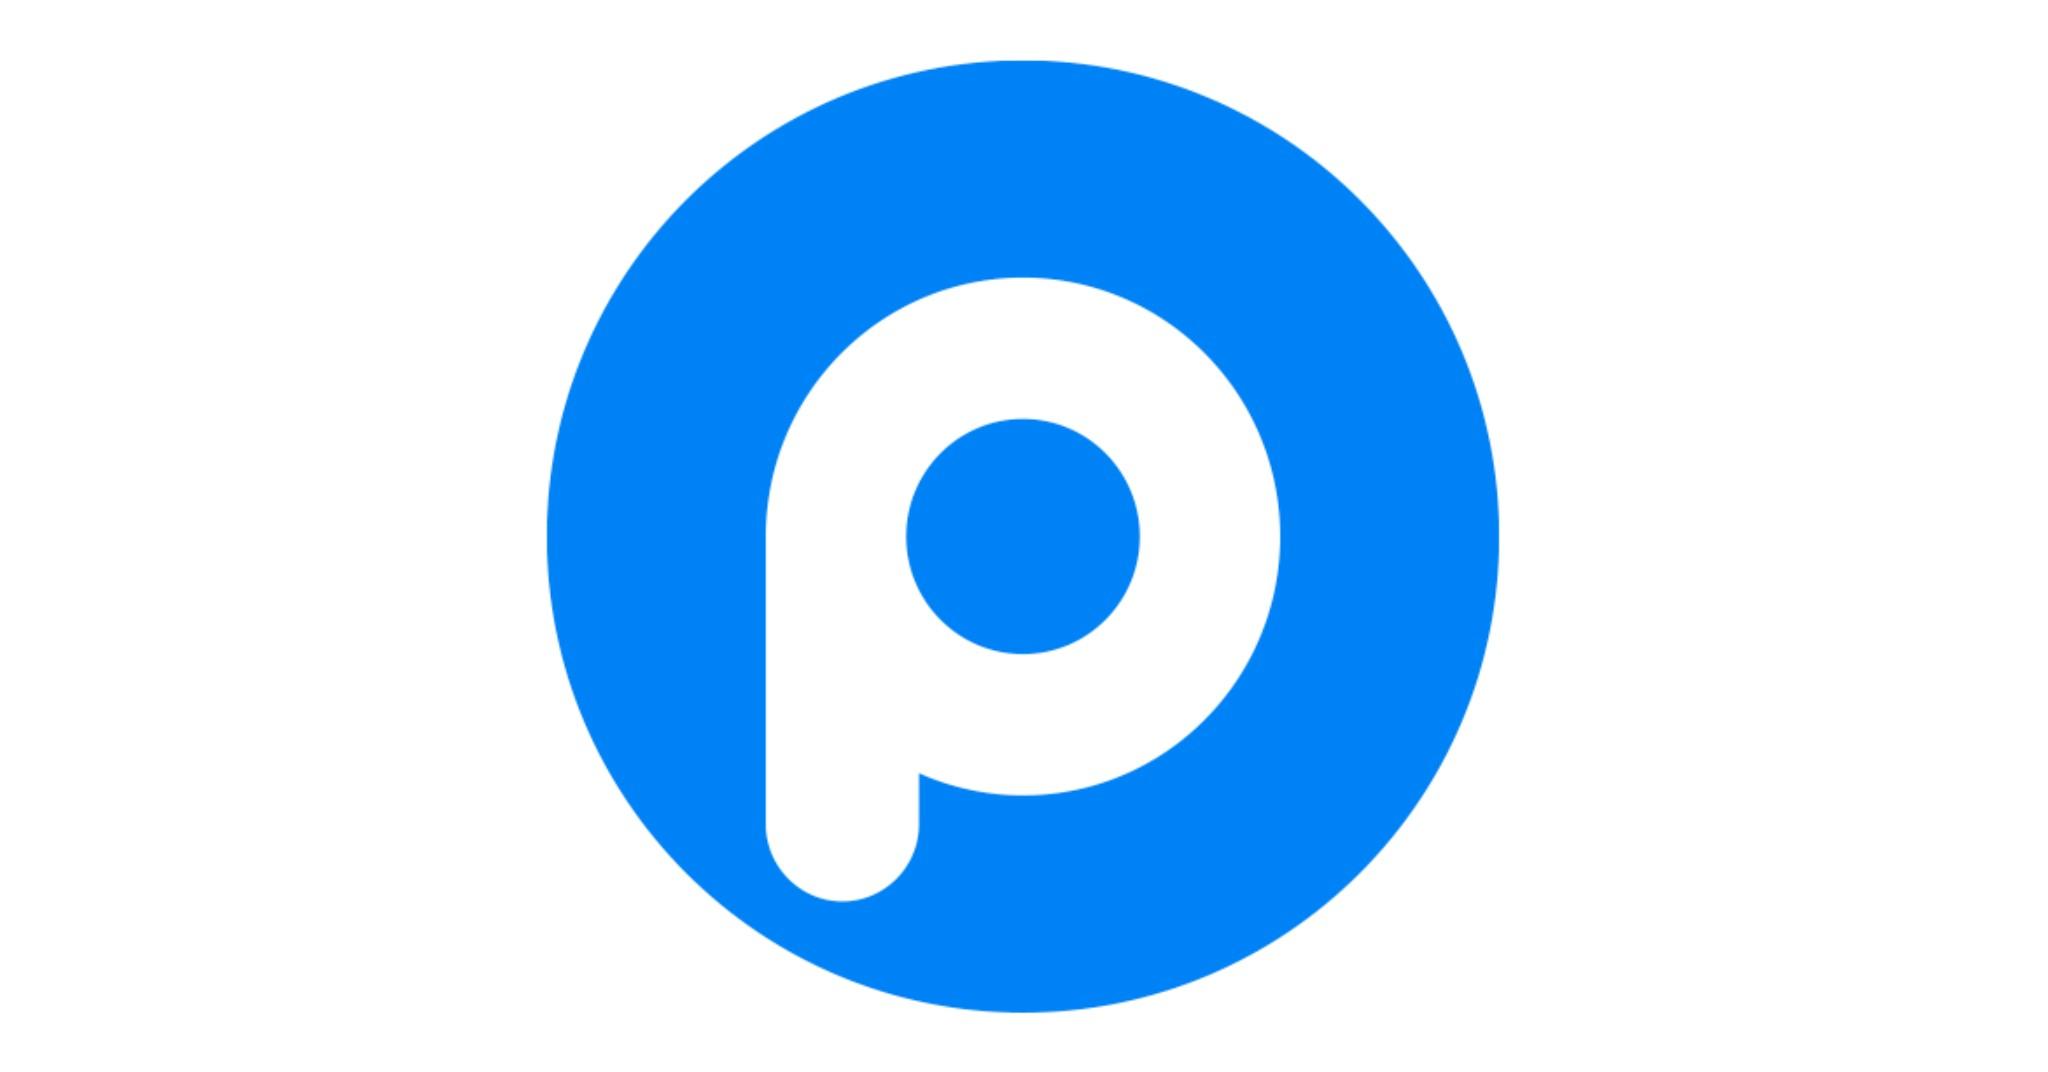 Popupsmart